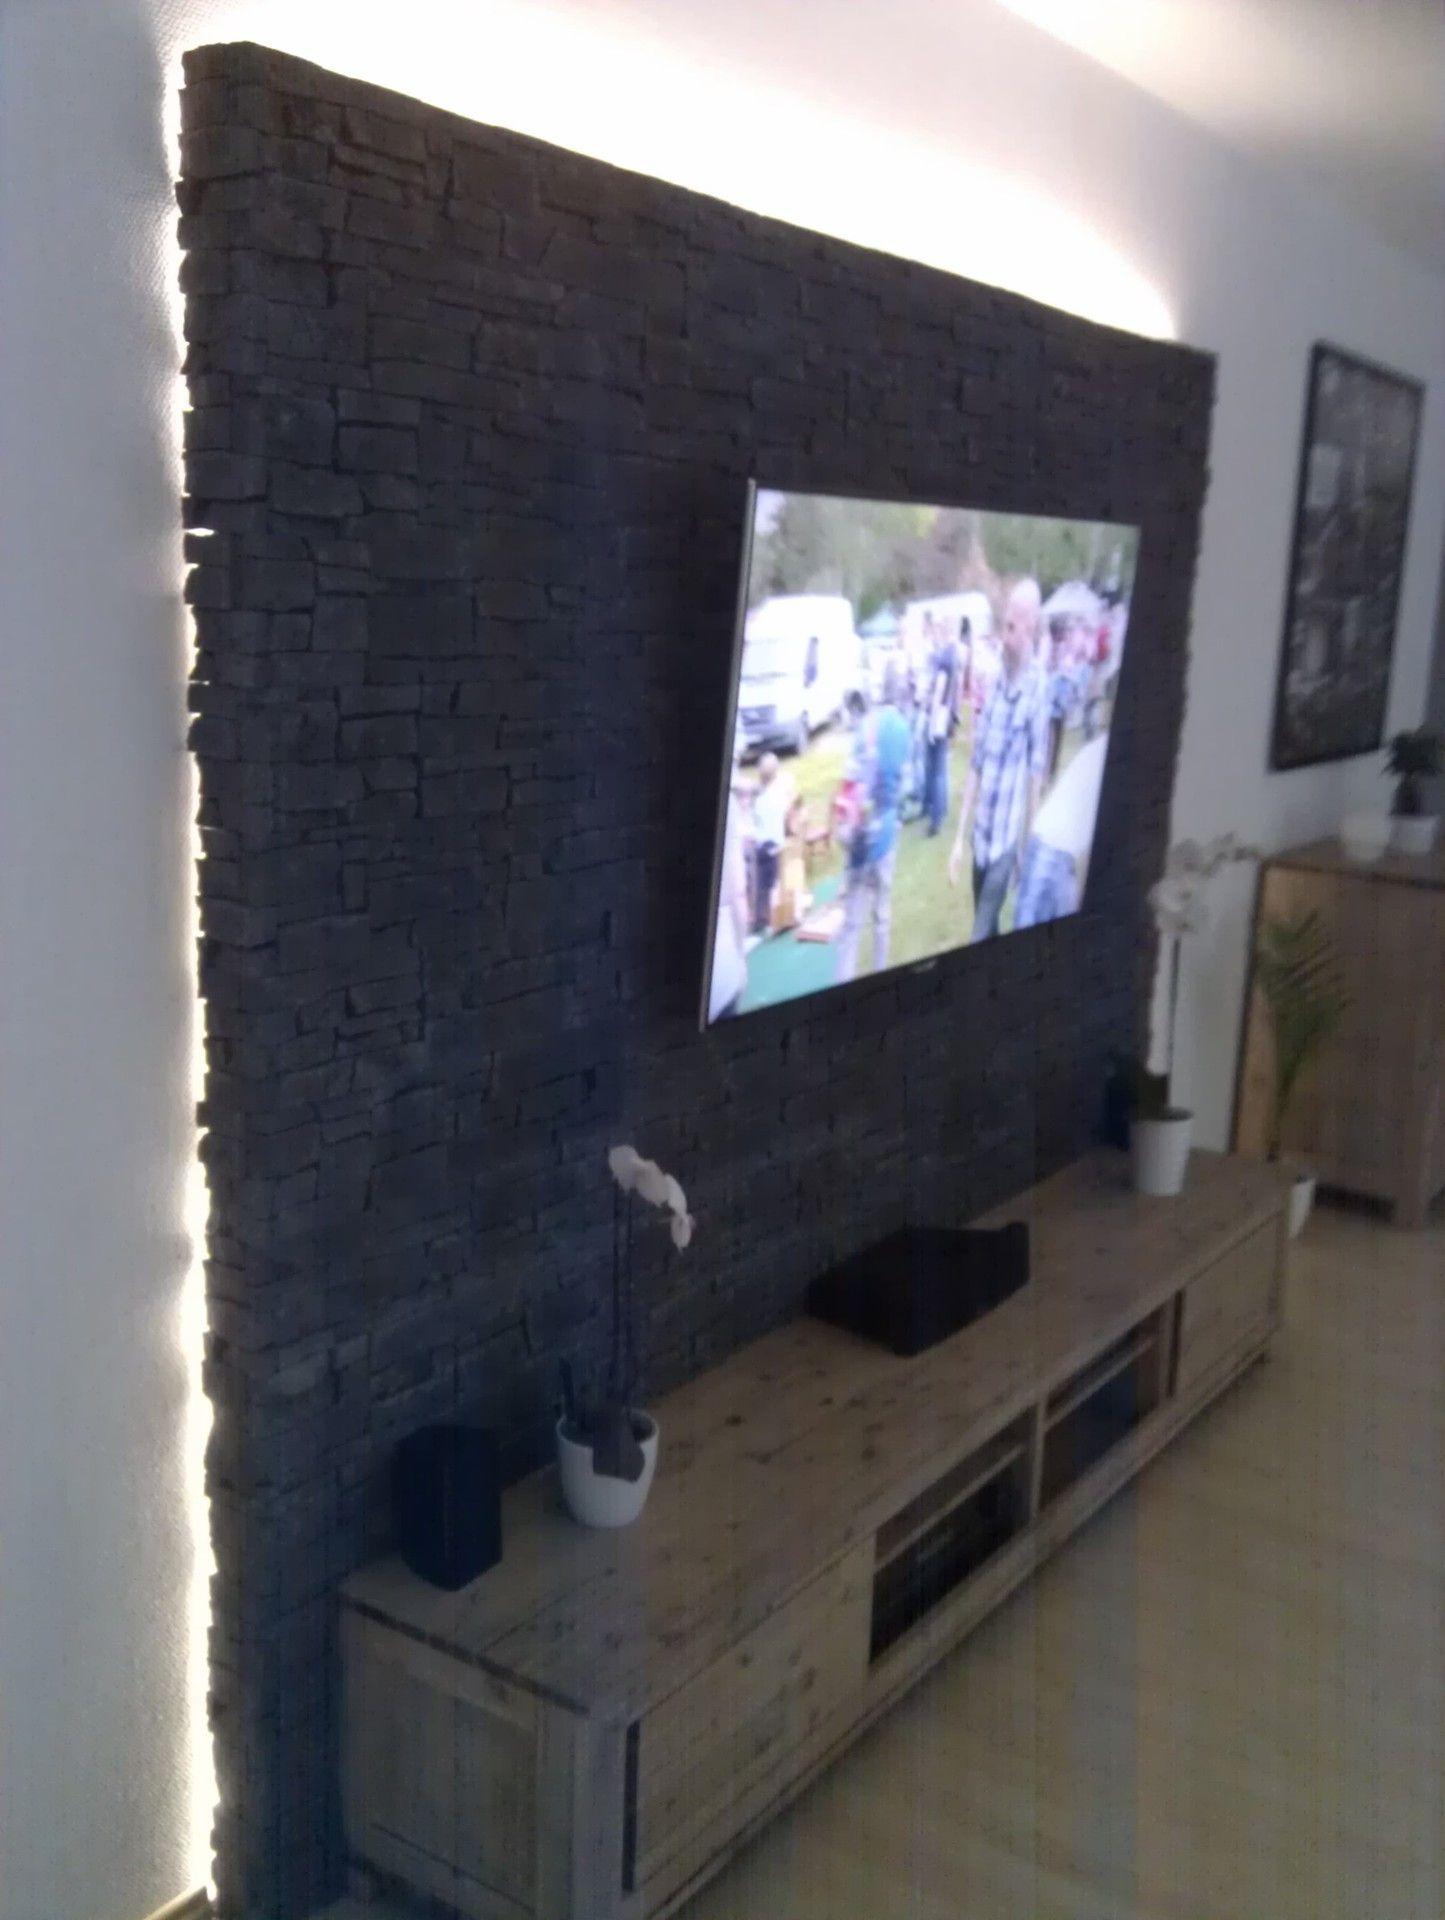 steinwand mediawand eigenbau wohnzimmer pinterest steinwand wohnzimmer und wohnzimmerwand. Black Bedroom Furniture Sets. Home Design Ideas